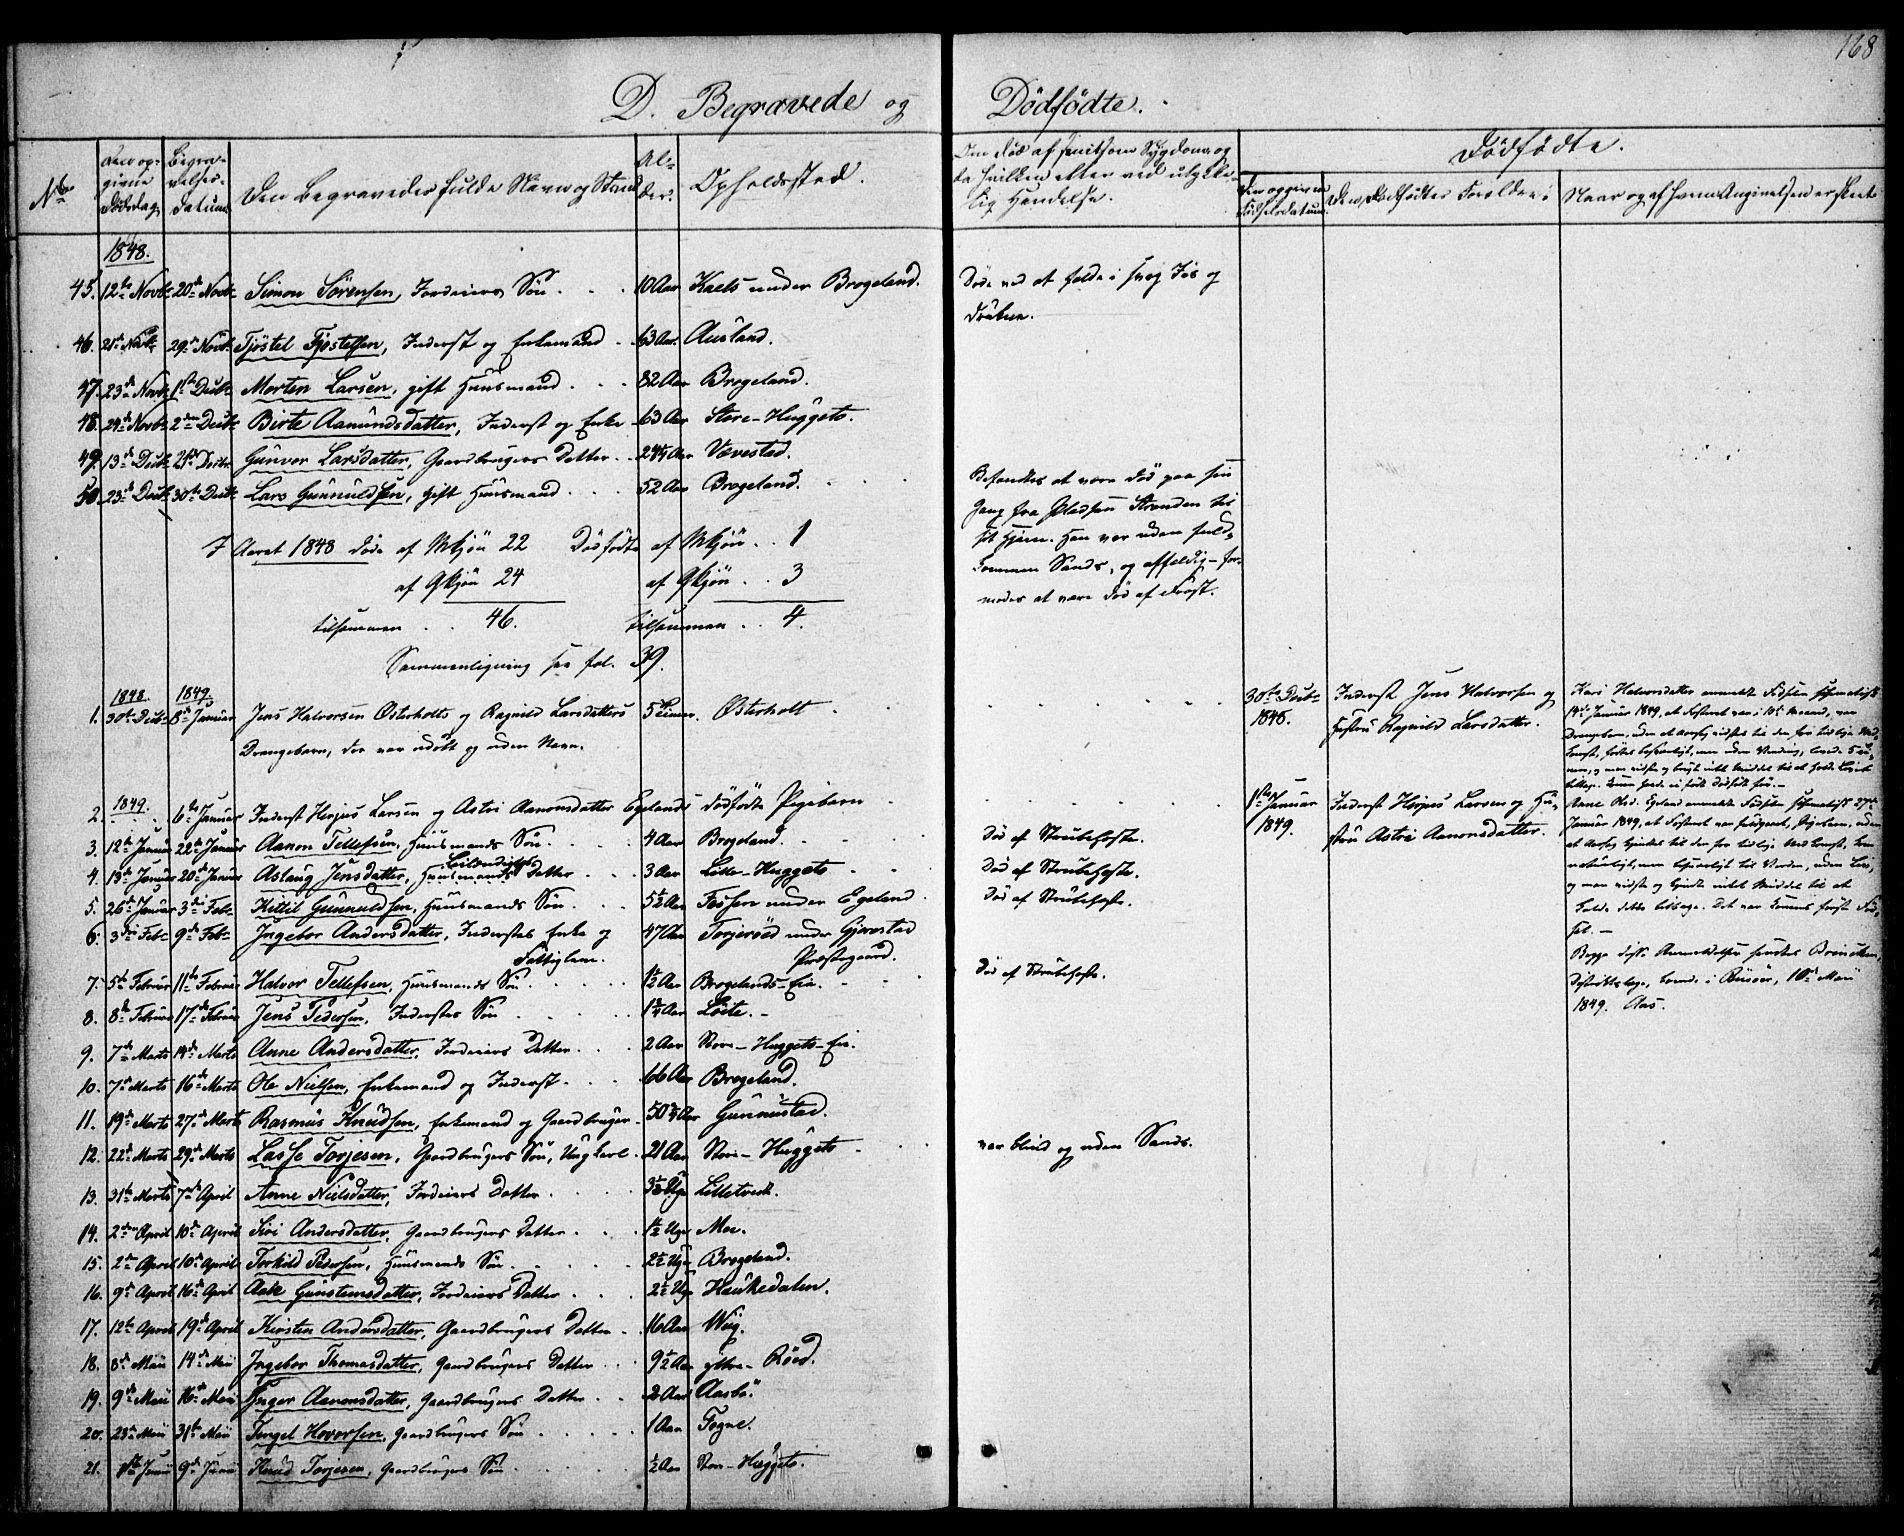 SAK, Gjerstad sokneprestkontor, F/Fa/Faa/L0006: Ministerialbok nr. A 6, 1841-1857, s. 168